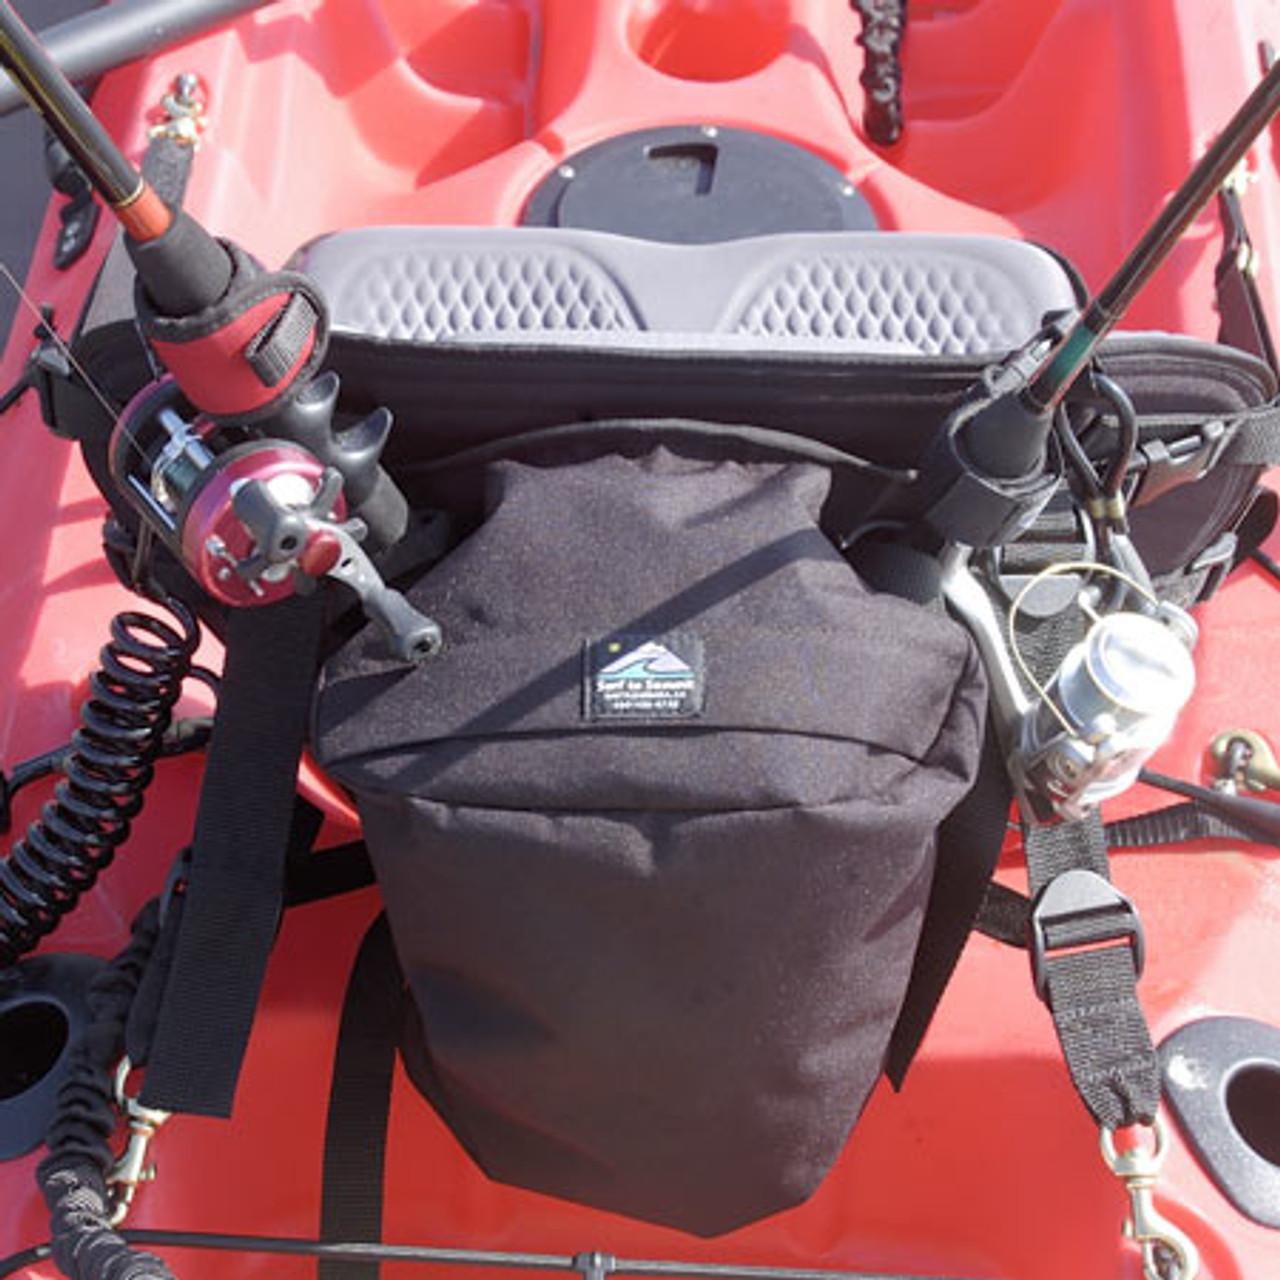 GTS Pro Molded Foam Kayak Seat - Fishing Pack